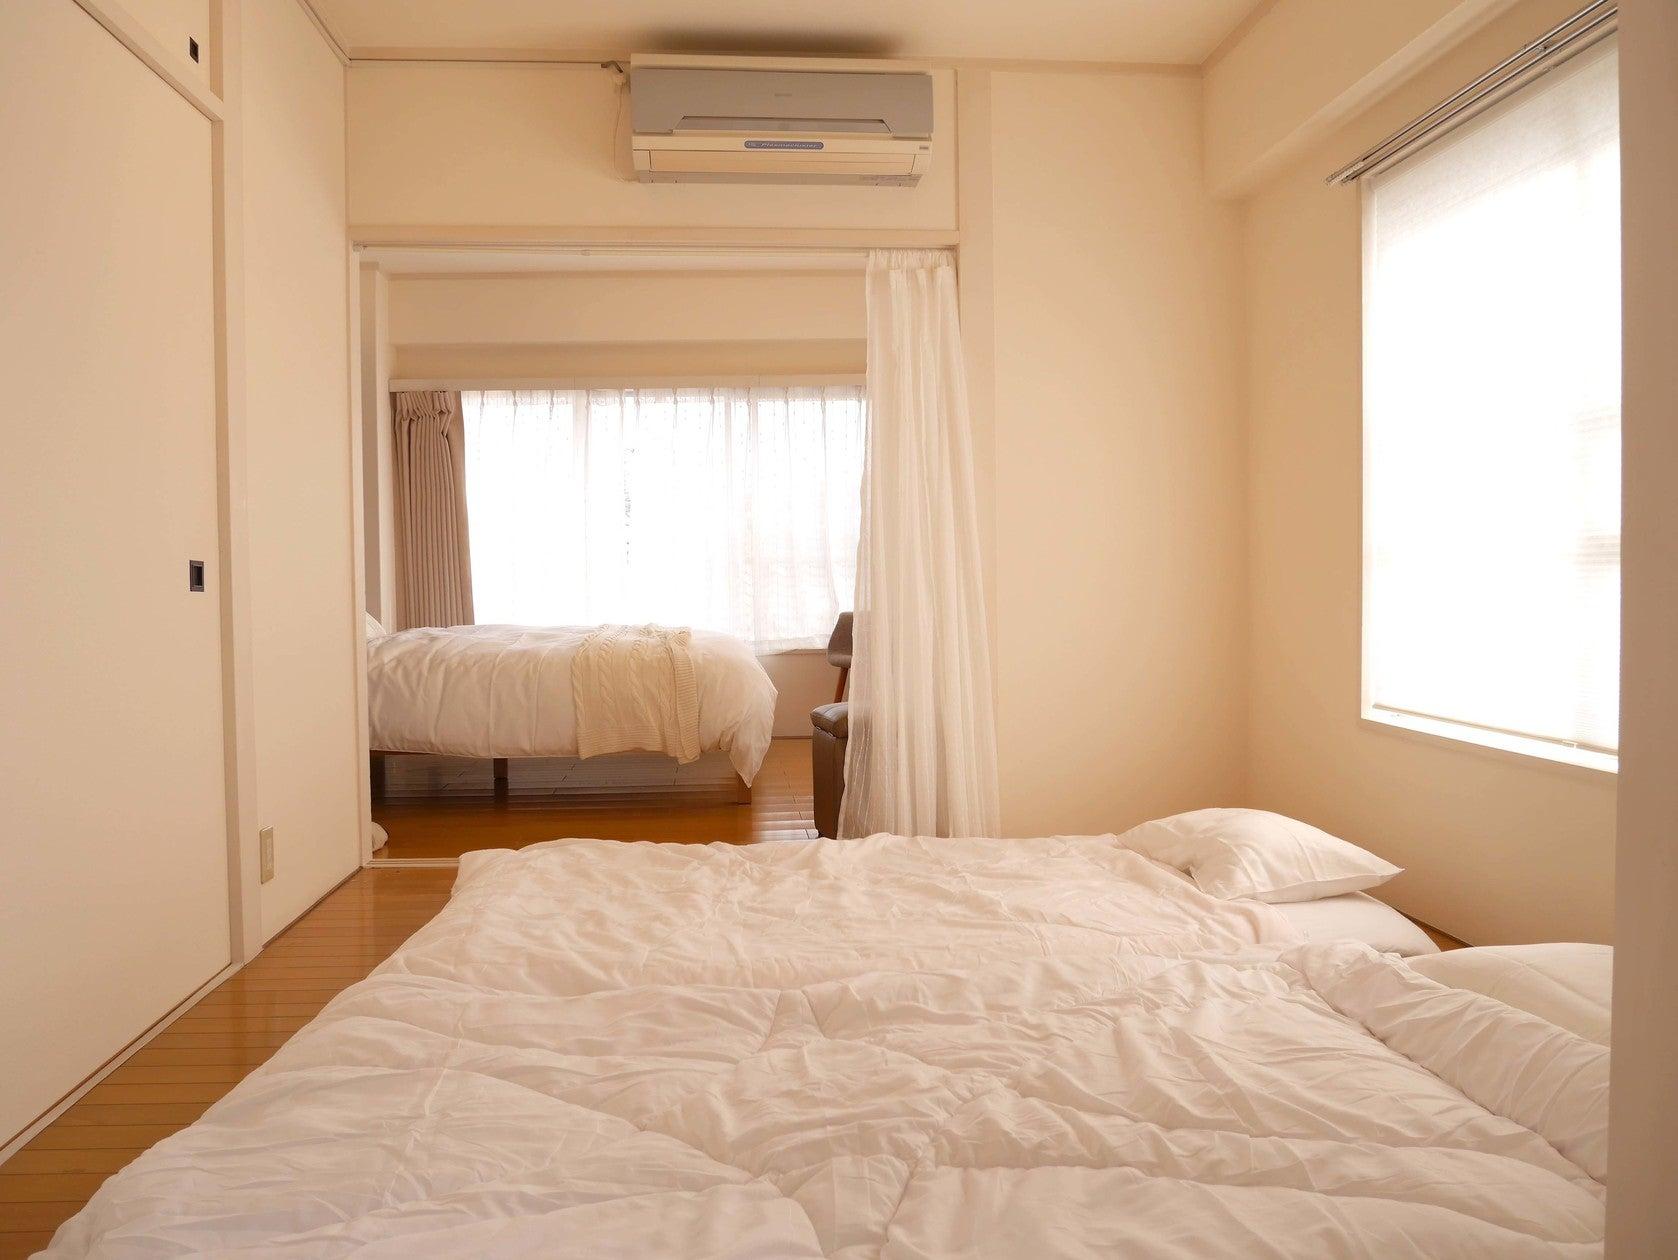 JR阿佐谷駅から1分、新宿8分/かわいい隠れ家/静かな釣り堀ビュー のサムネイル